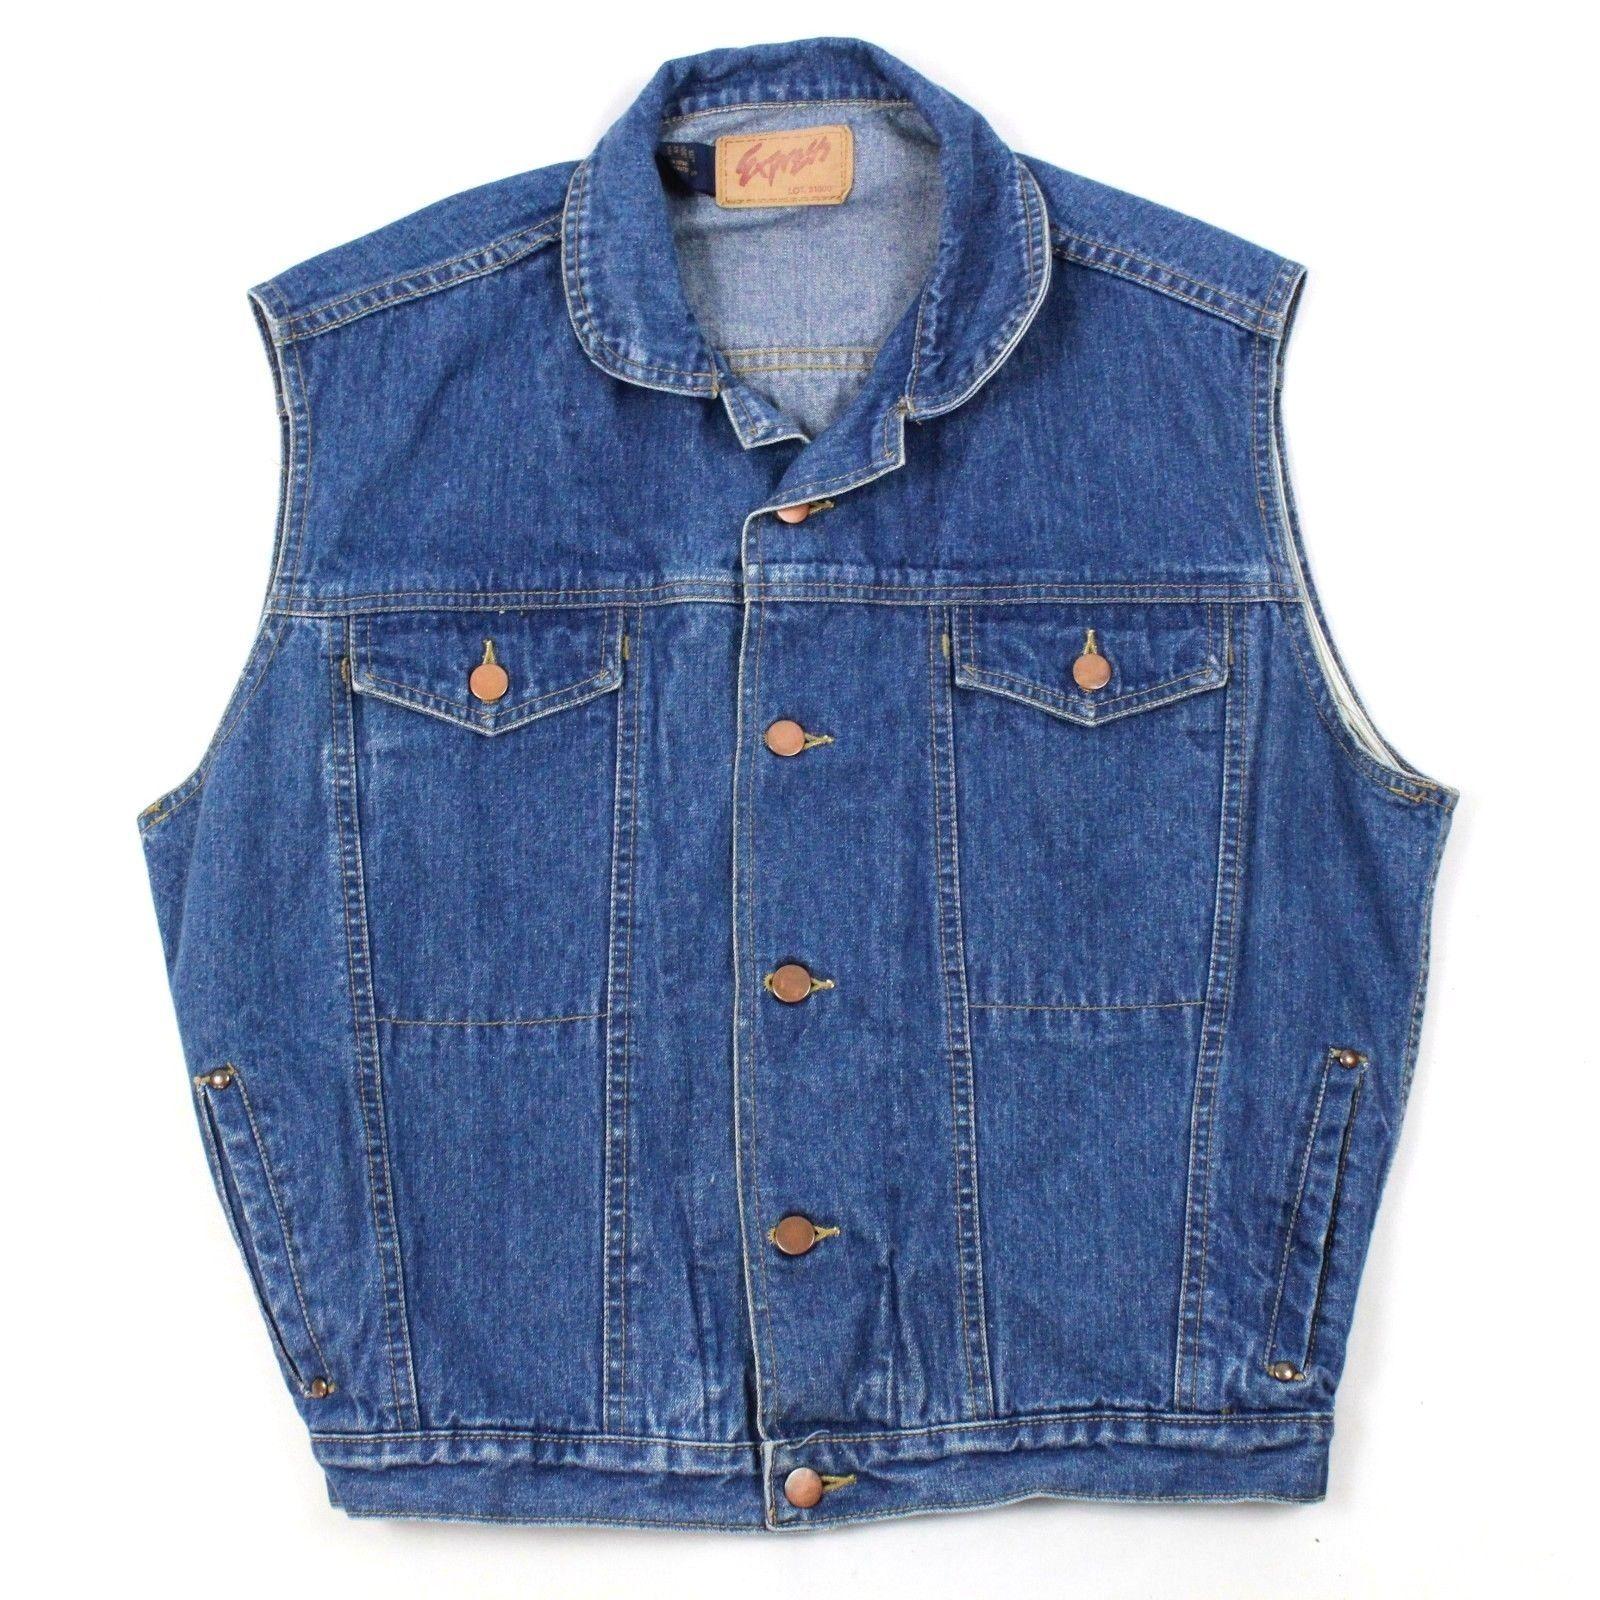 vintage express sans manche veste jeans adulte taille s gilet hommes 4 poche outerwear